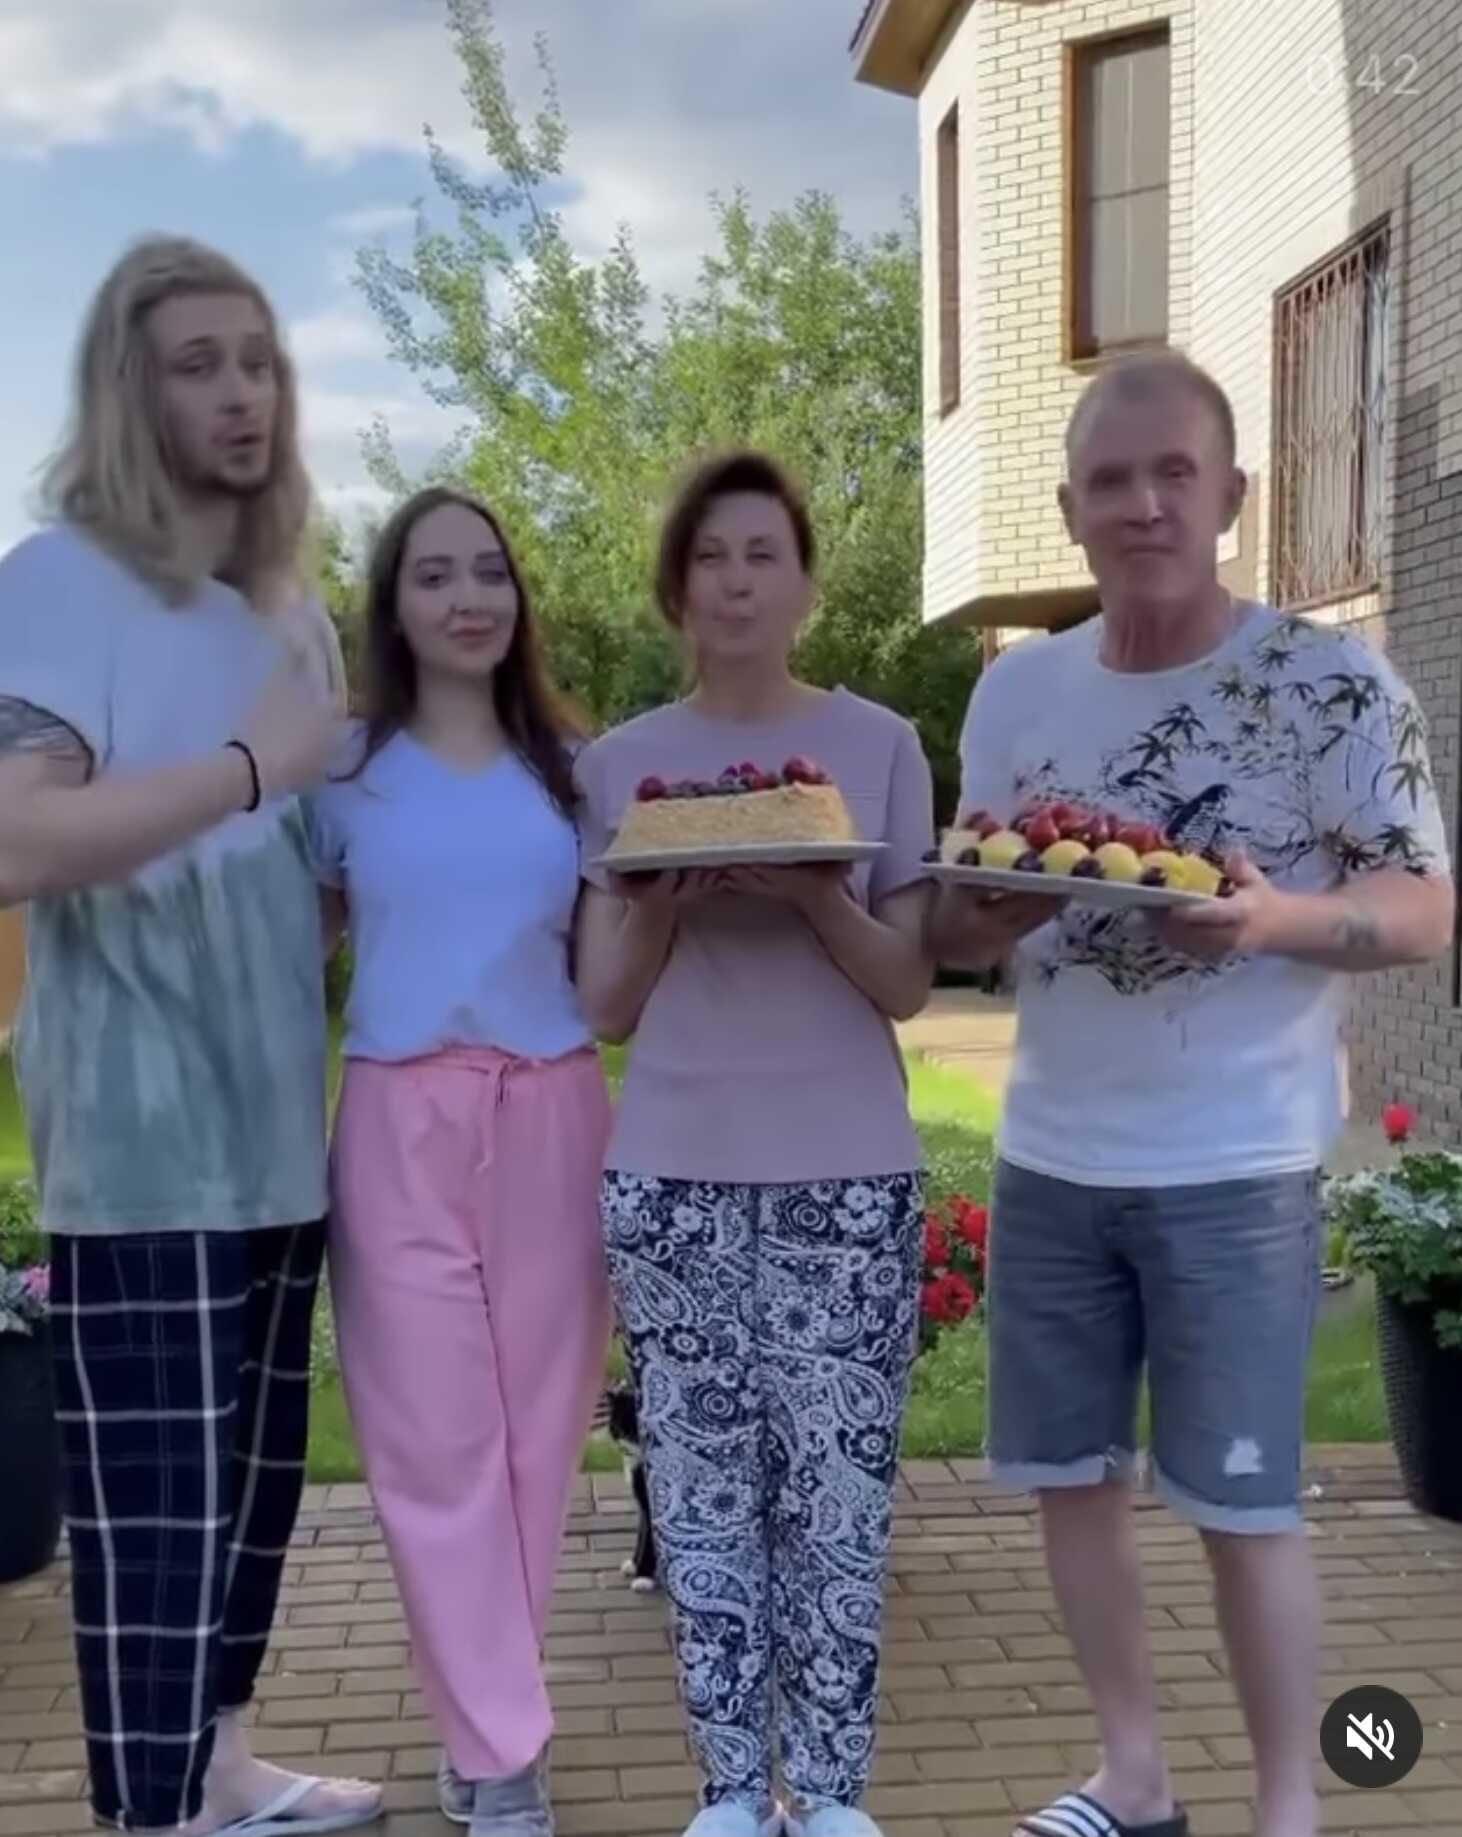 «Нас не пускают в дом»: Виктор Рыбин и Наталья Сенчукова пришли на новоселье к сыну и его невесте